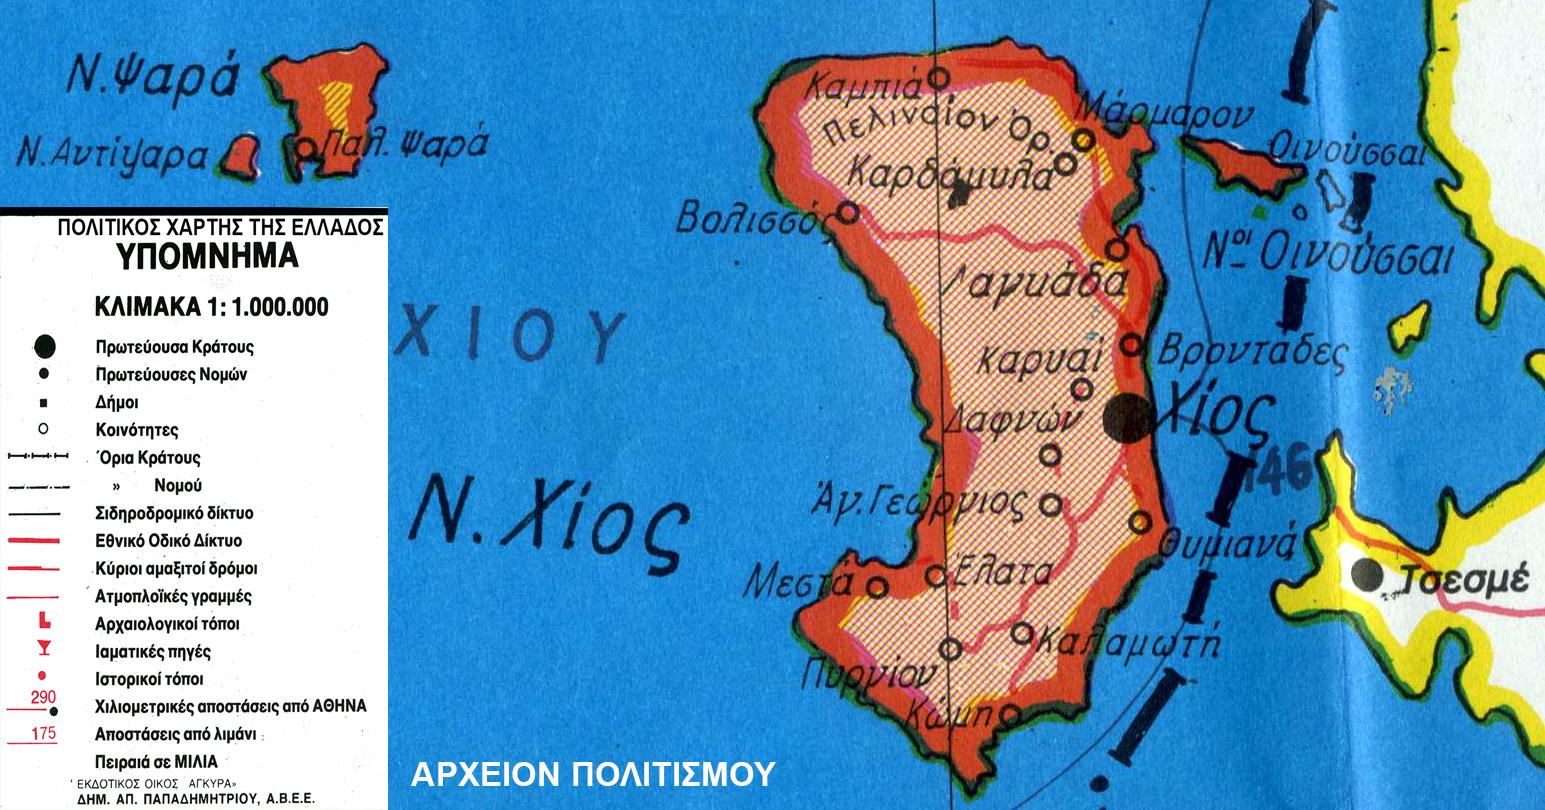 Palaios Politikos Xarths Toy Nomoy Xioy Arxeion Politismoy